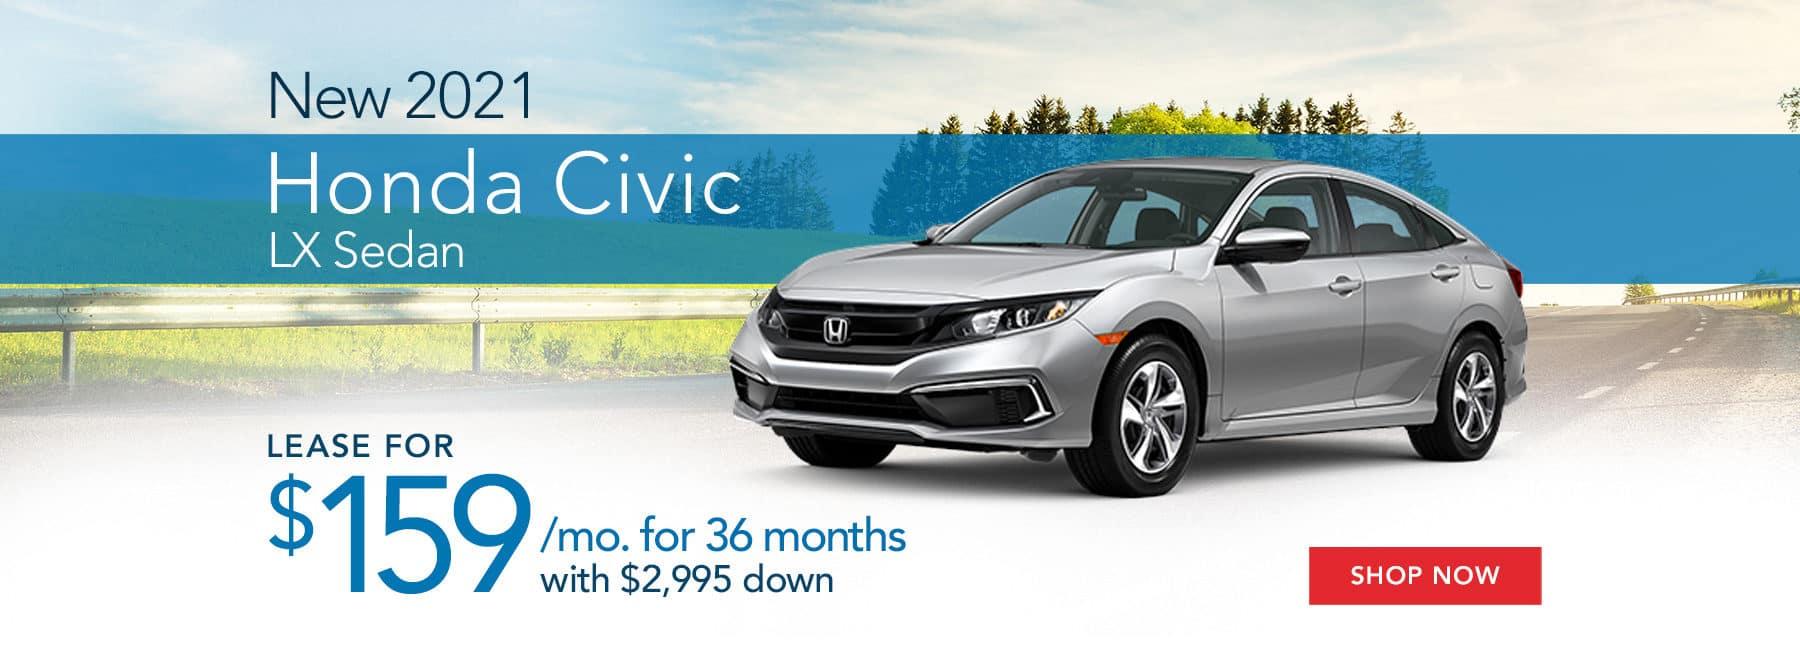 BHW_1800x663_New 2021 Honda Civic LX Sedan__06_'21